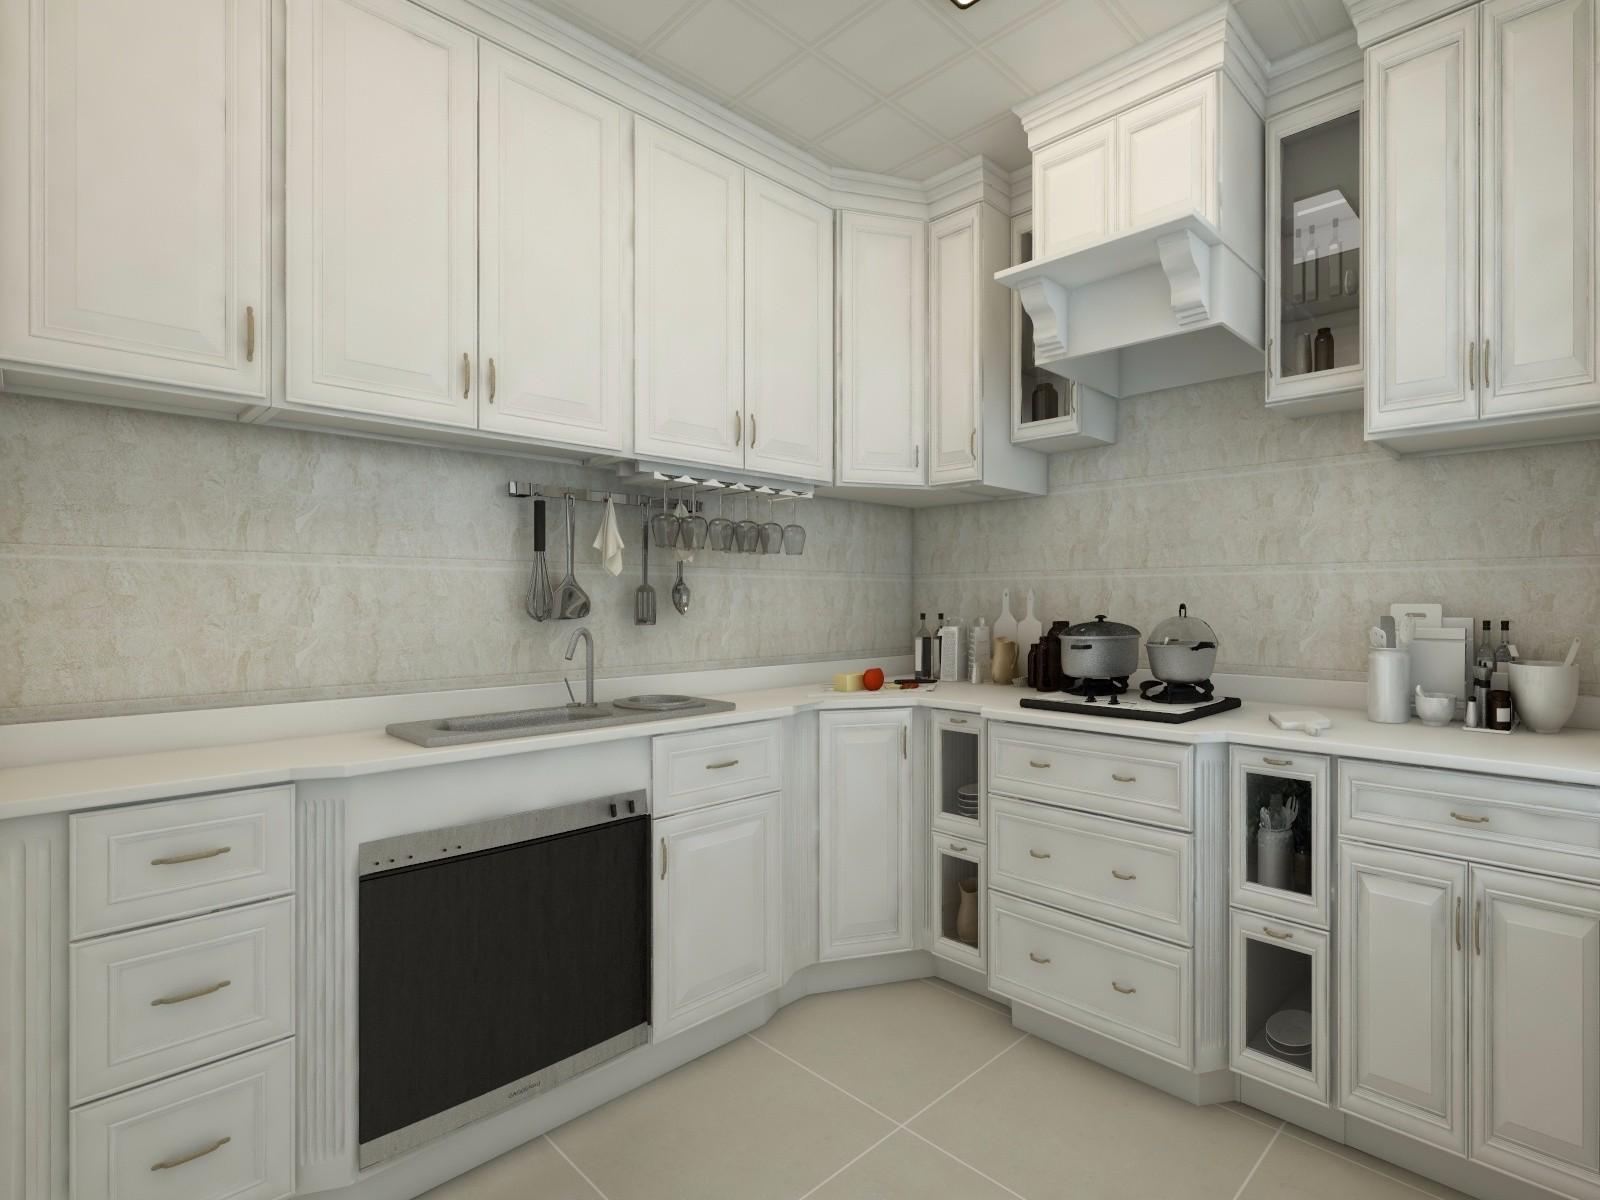 136㎡欧式简约风格橱柜众多的厨房装修效果图